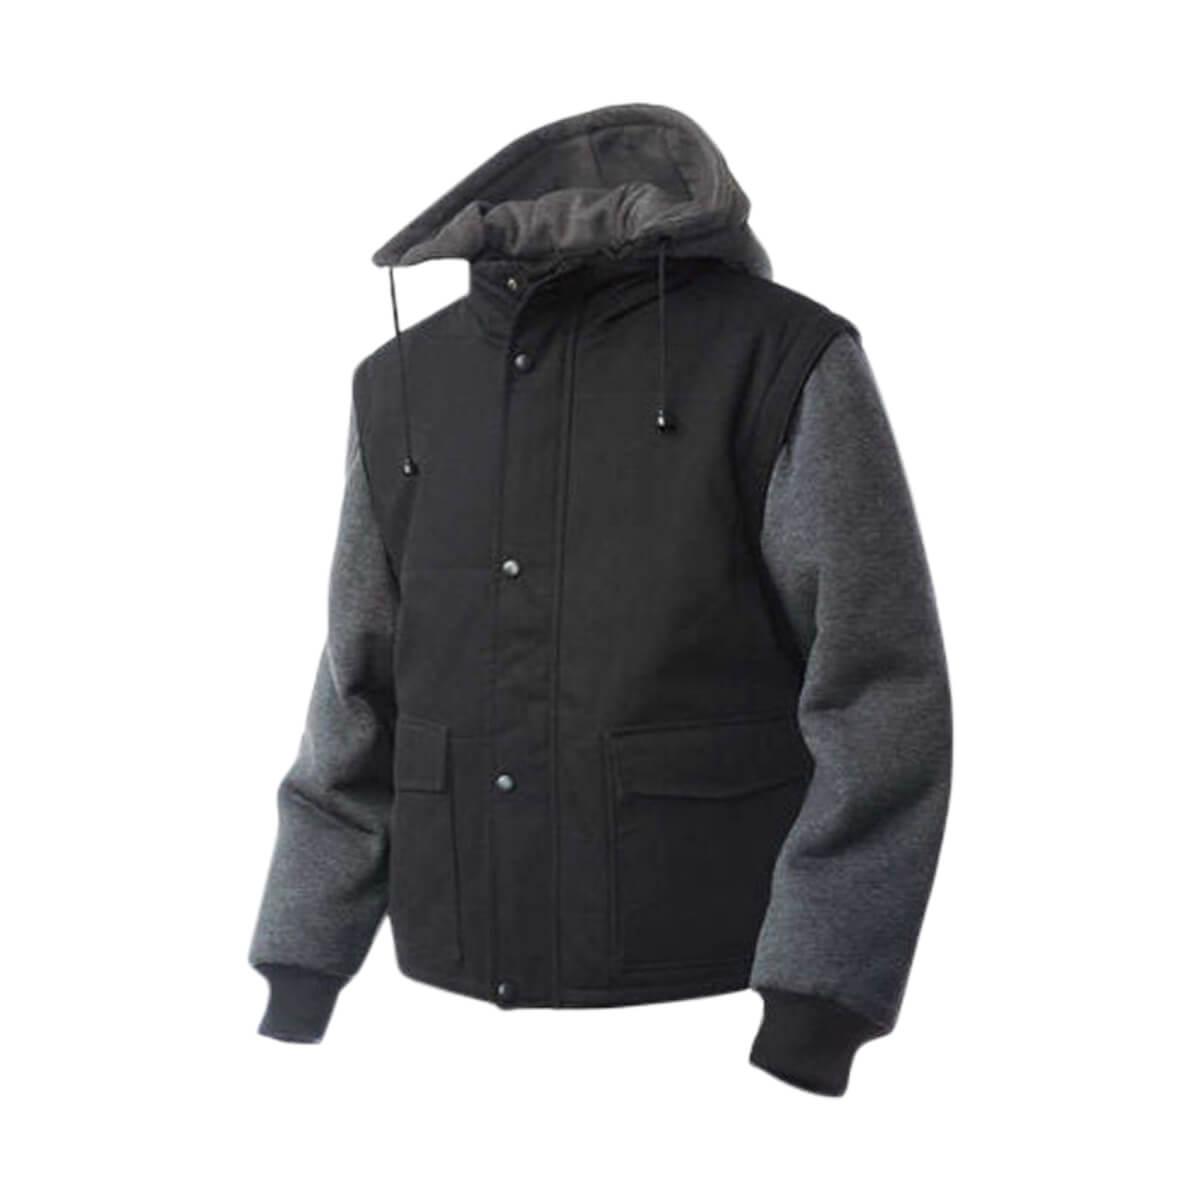 Tough Duck Zip-Off Sleeve Jacket